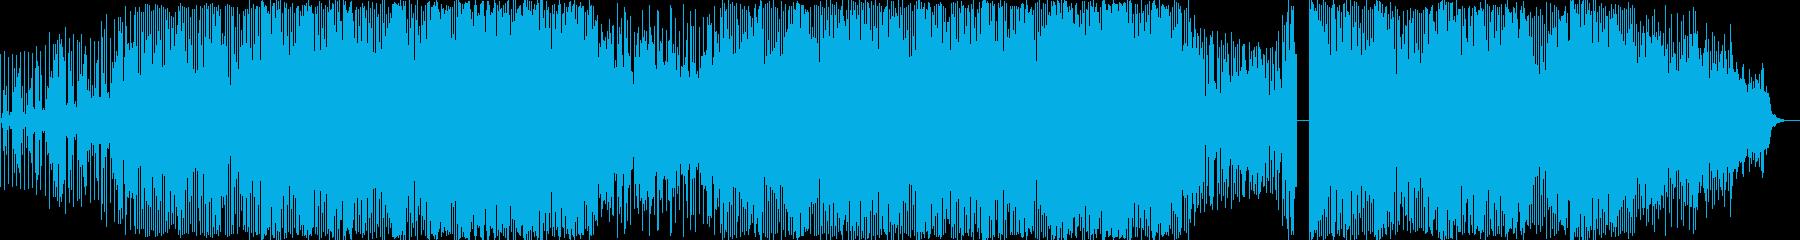 エレクトロニック アクション 楽し...の再生済みの波形